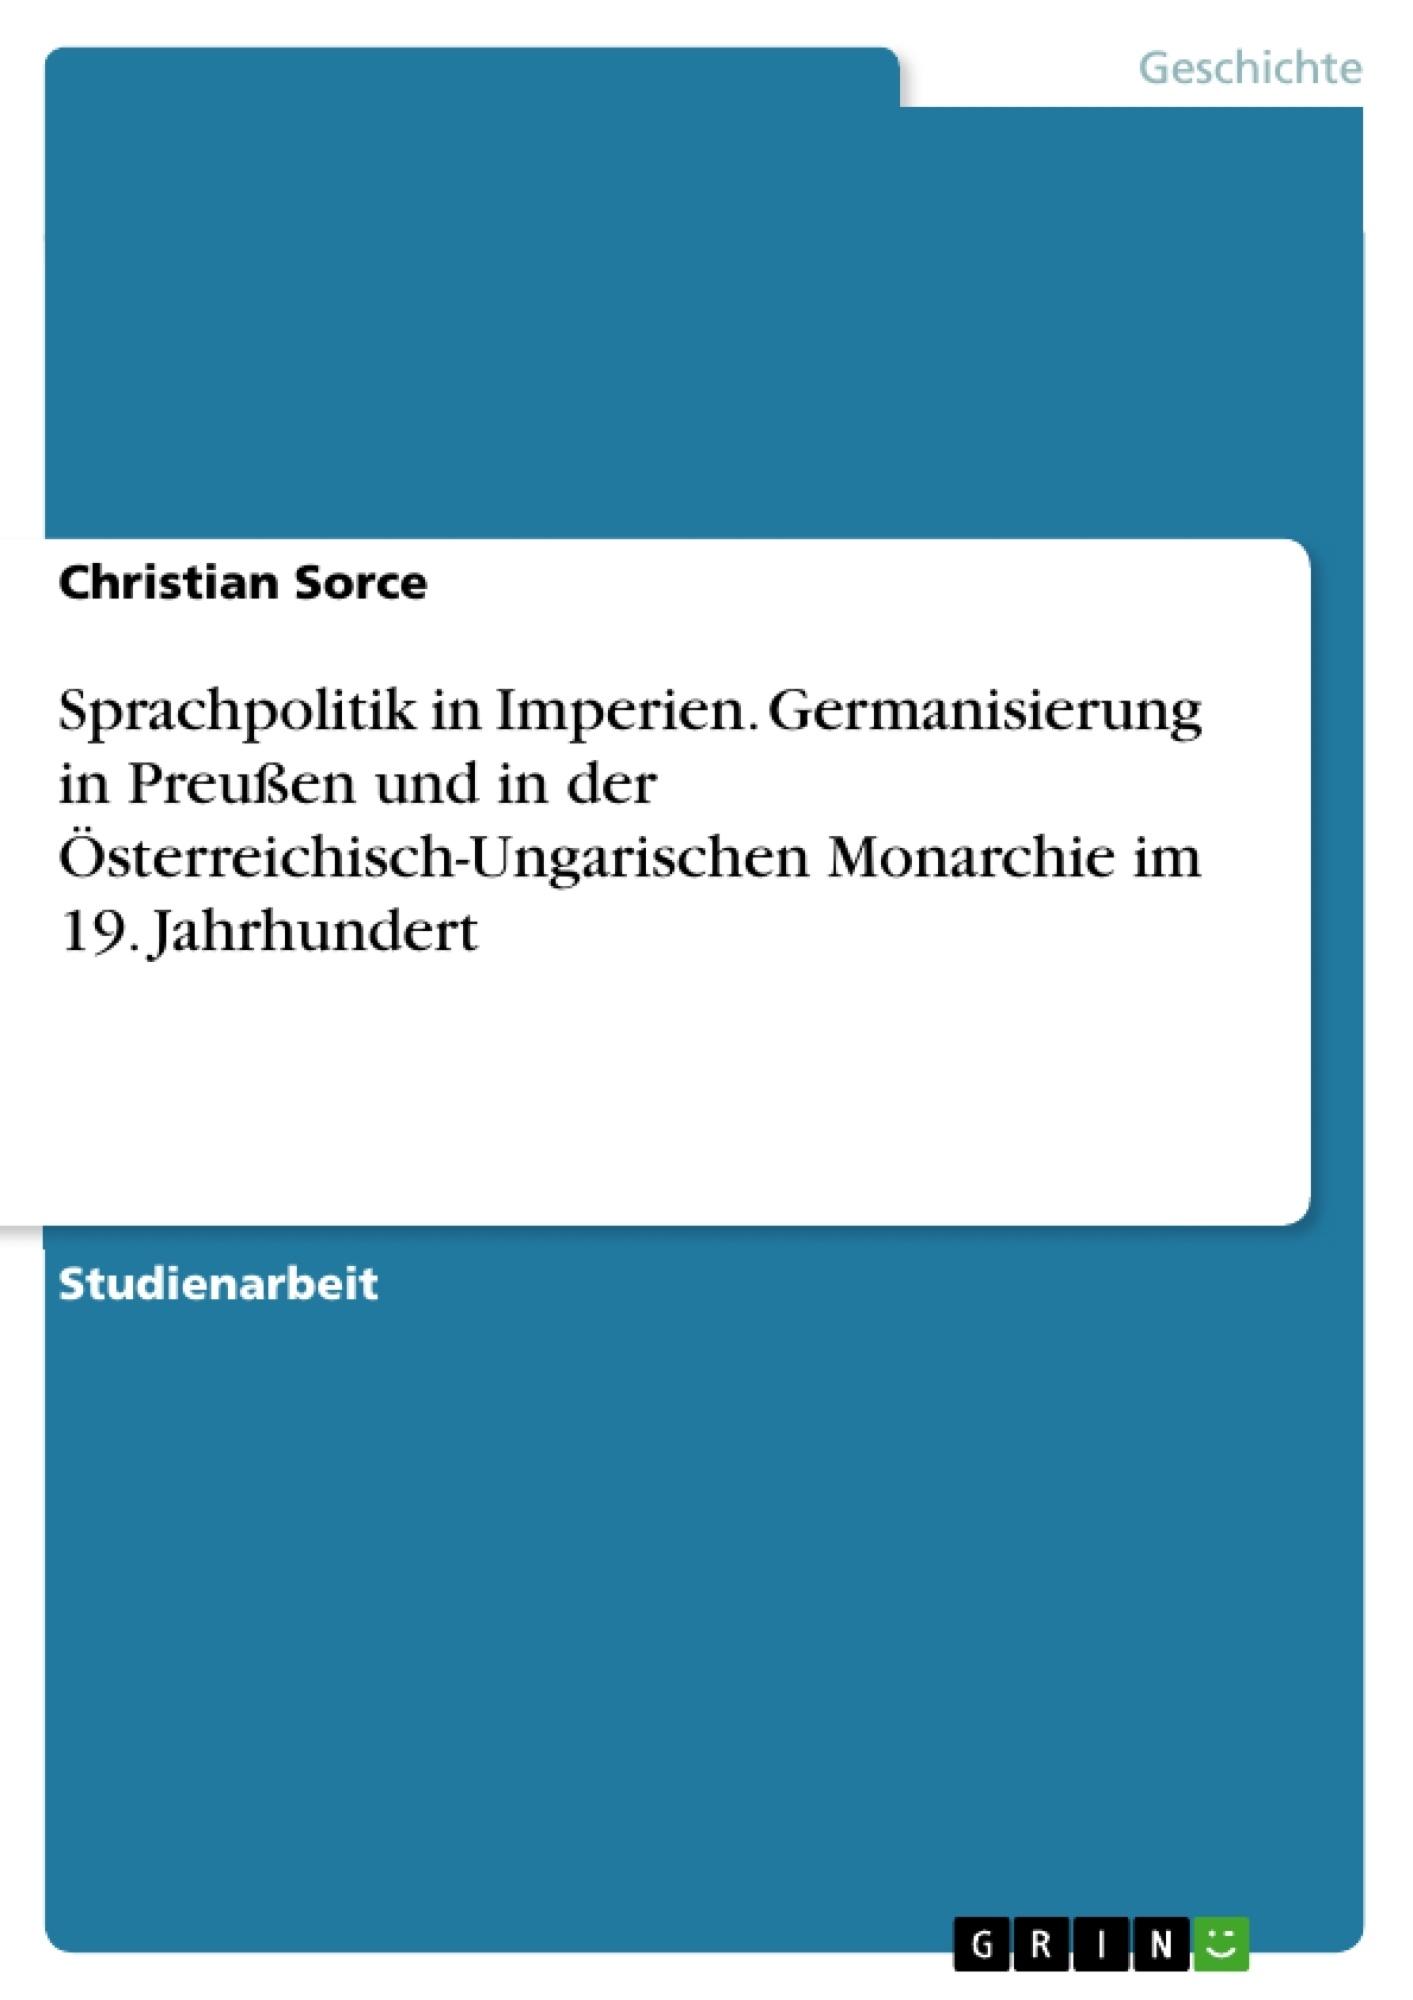 Titel: Sprachpolitik in Imperien. Germanisierung in Preußen und in der Österreichisch-Ungarischen Monarchie im 19. Jahrhundert